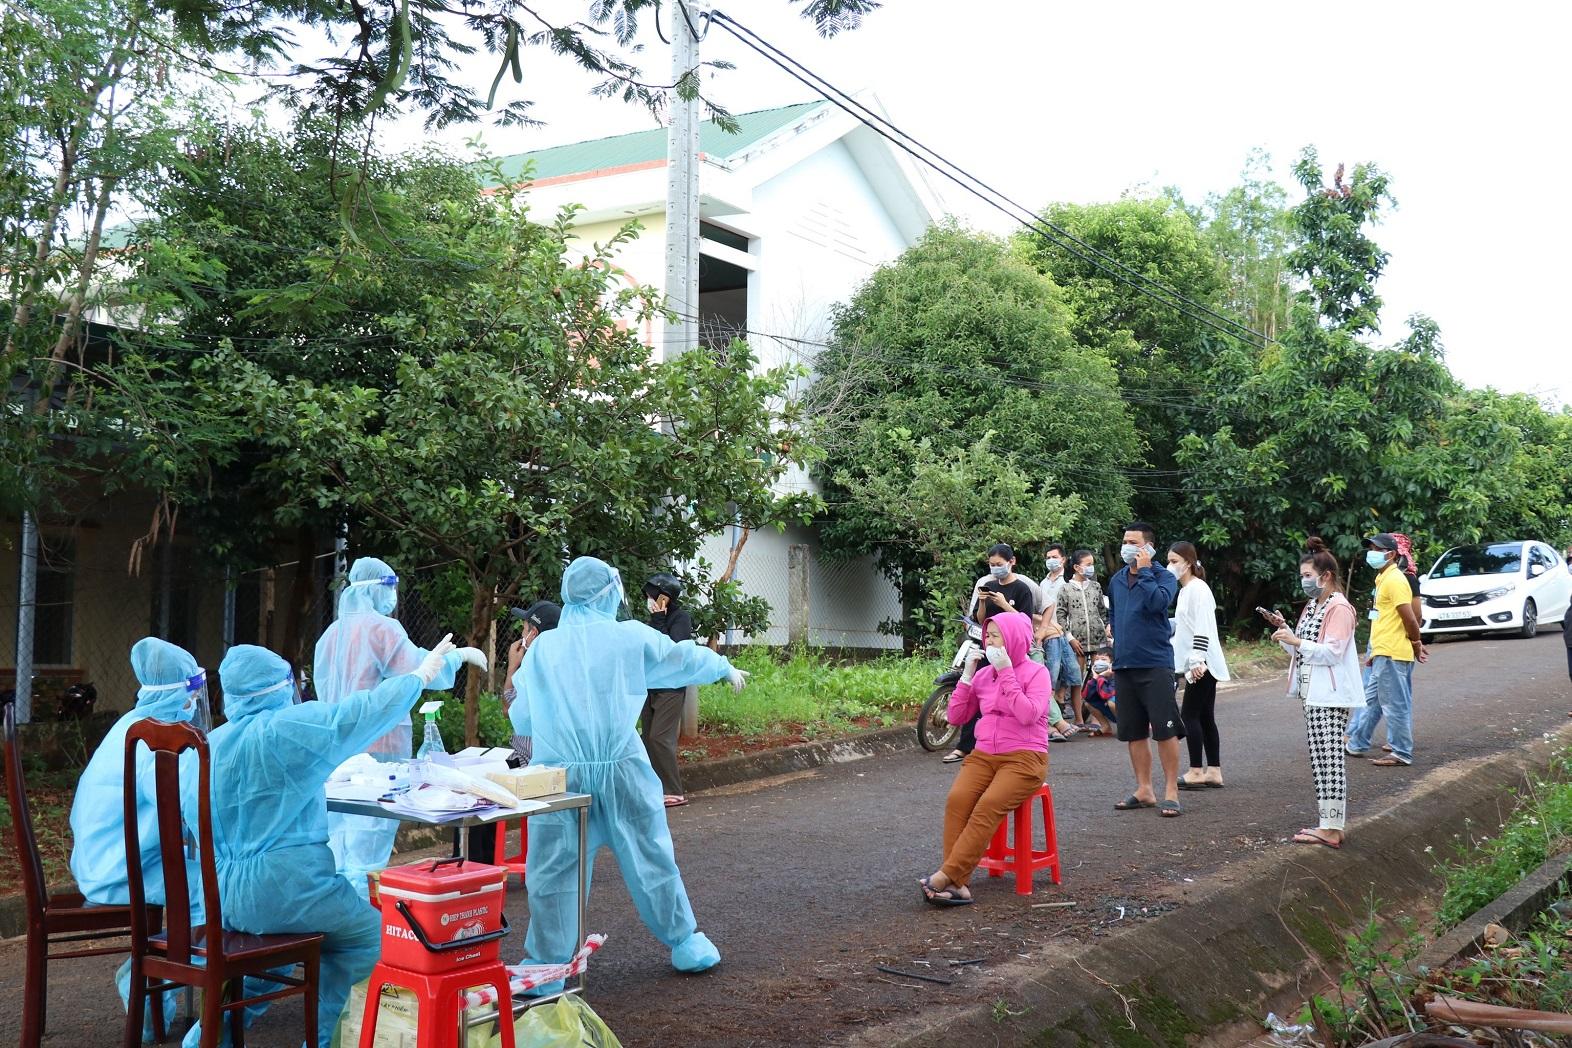 Tỉnh Đắk Lắk vừa ghi nhận thêm 14 trường hợp dương tính với SARS-CoV-2